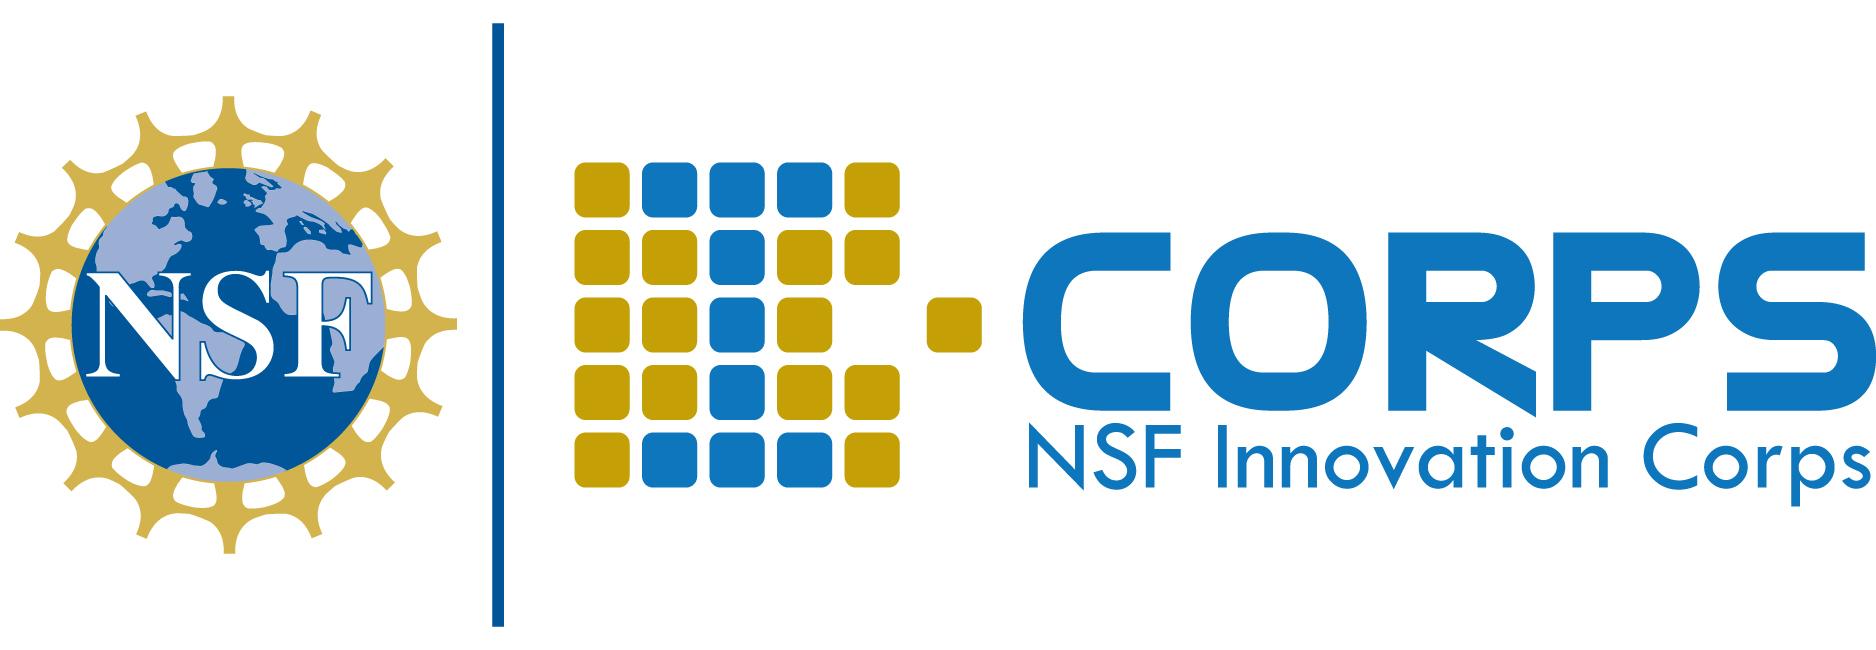 NSF I-Corps Award